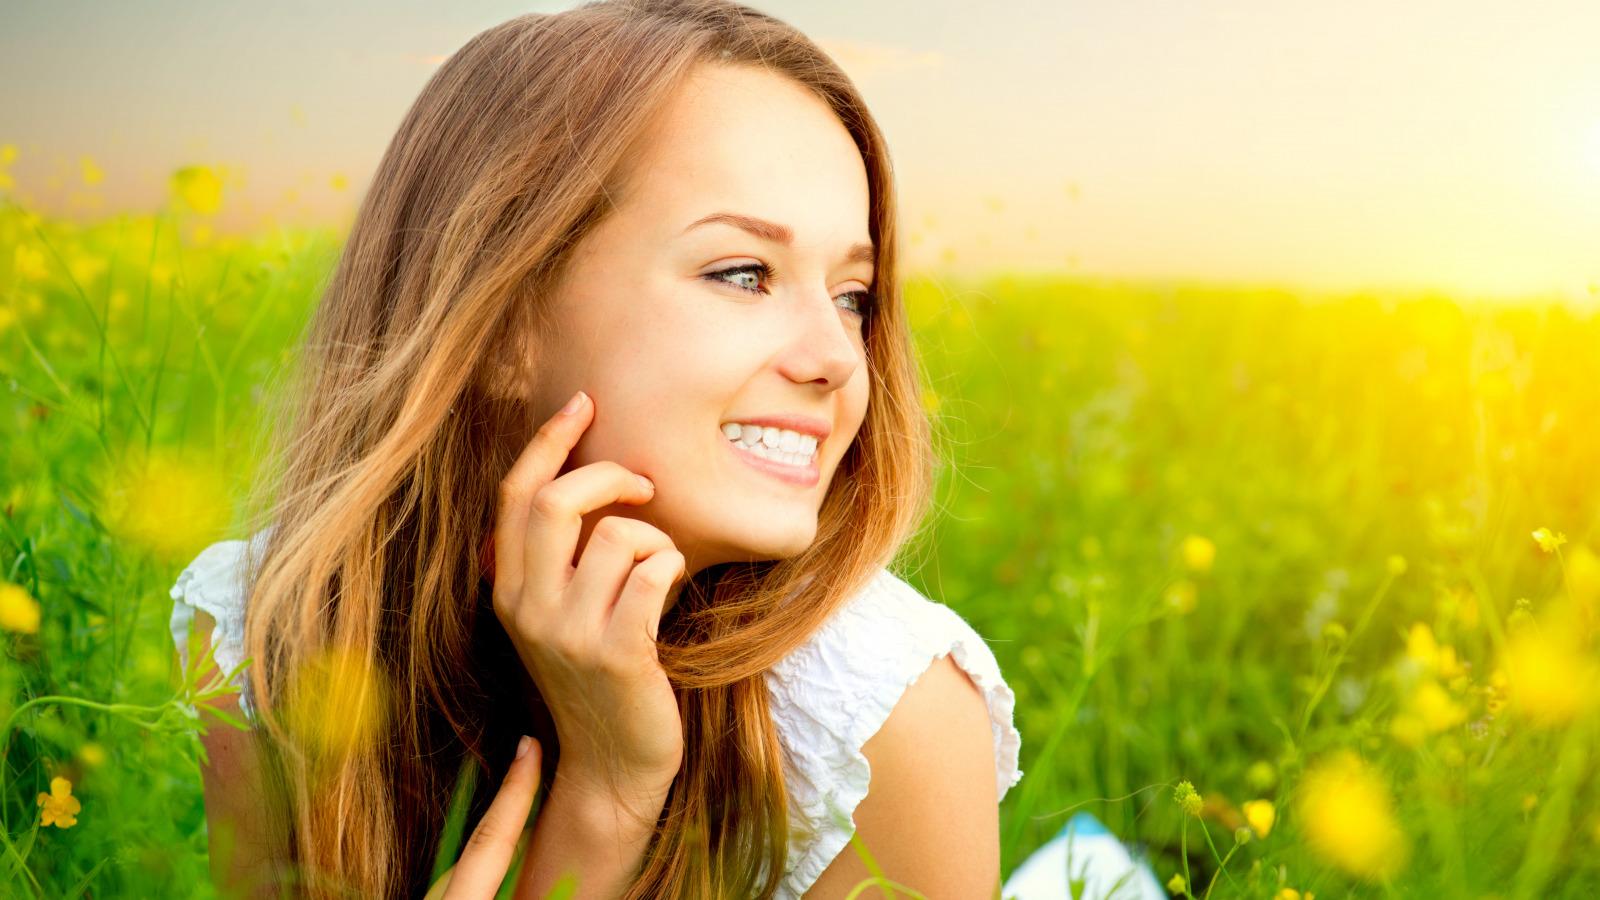 Цветное фото девушка улыбка